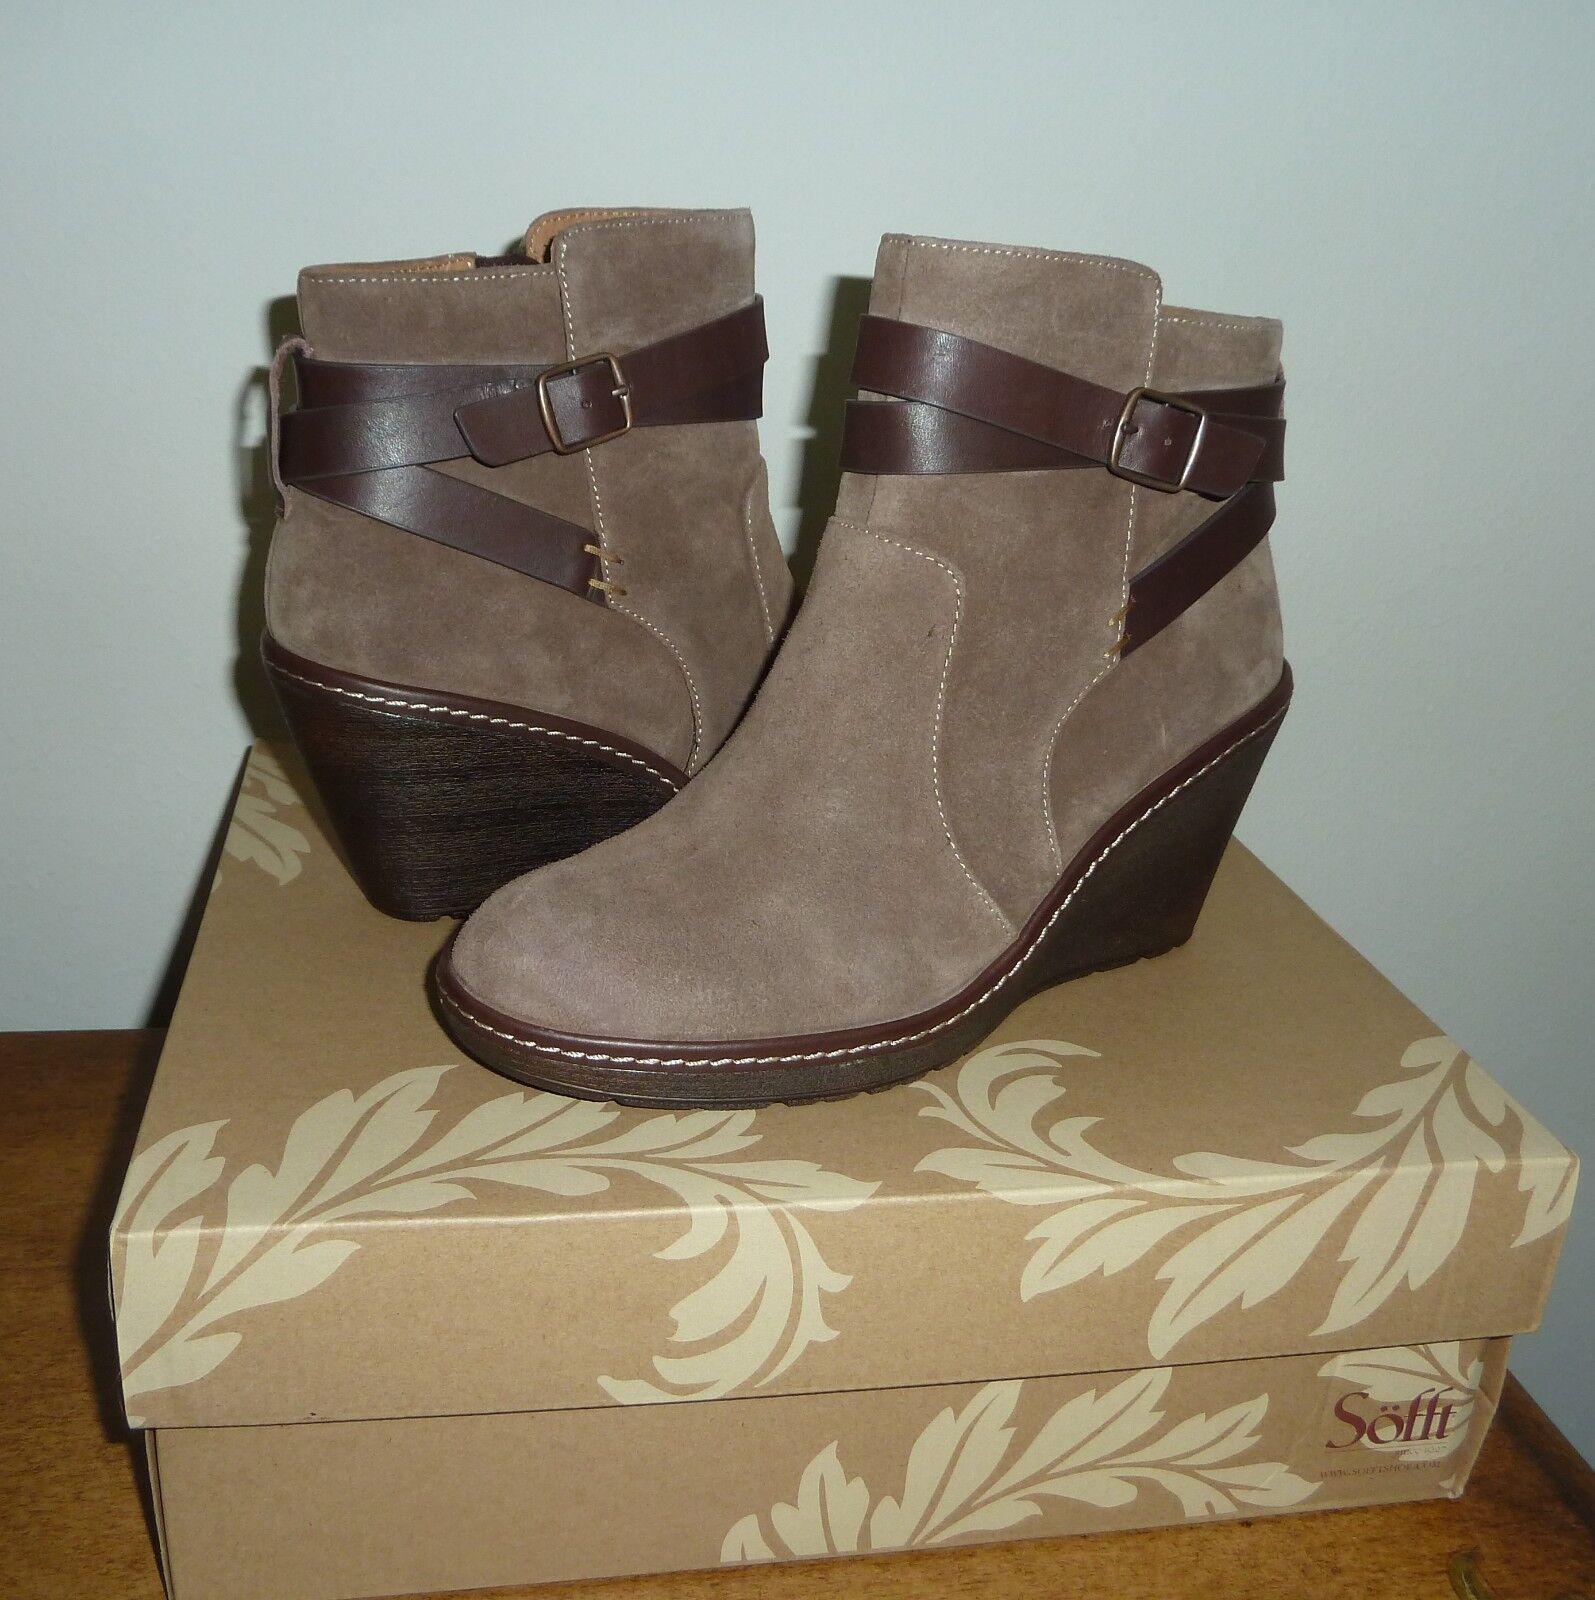 NEW Sofft Caralee Ankle Wedge Boots Havana Havana Havana Brown Suede 9 5d4c97